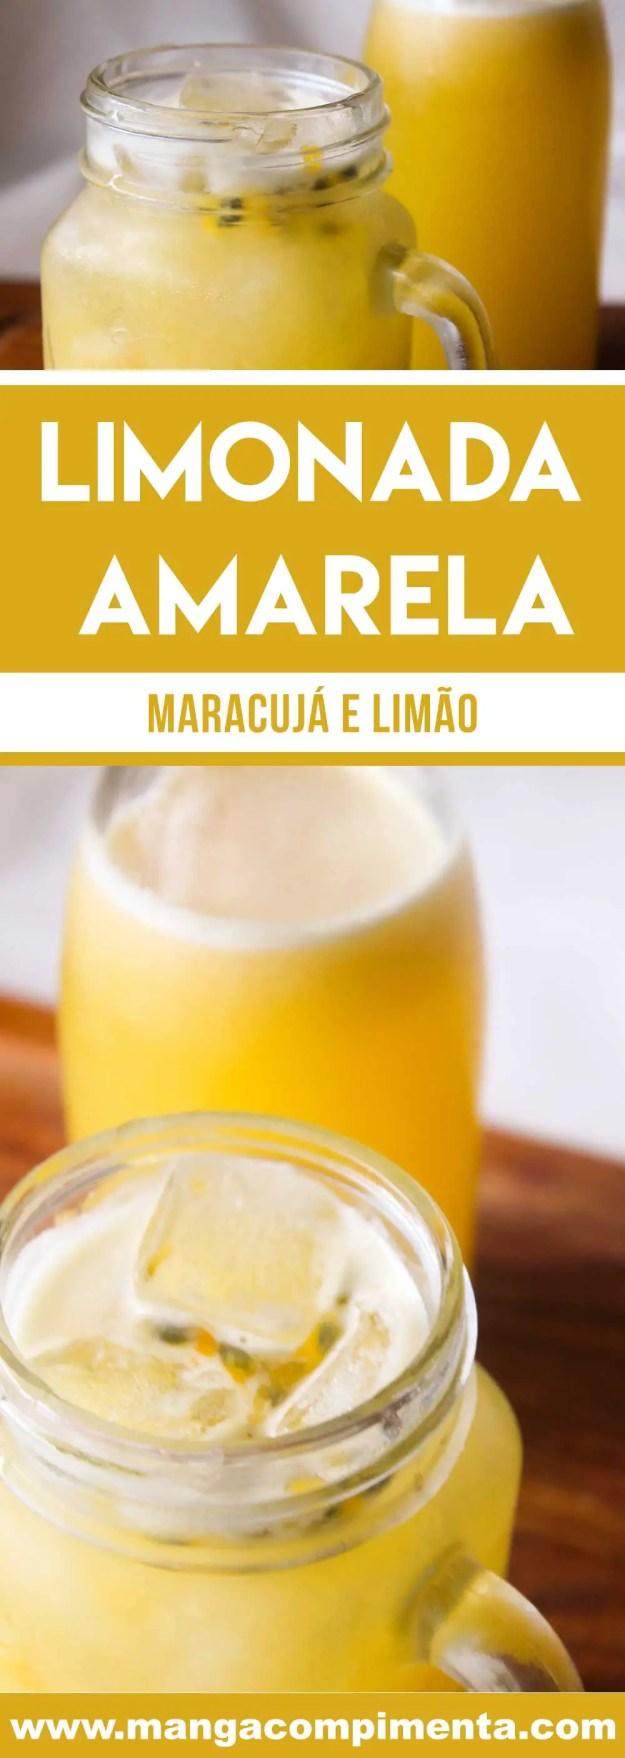 Receita de Suco de Limão e Maracujá - Limonada Amarela - uma bebida refrescante e deliciosa para os dias quentes de verão!